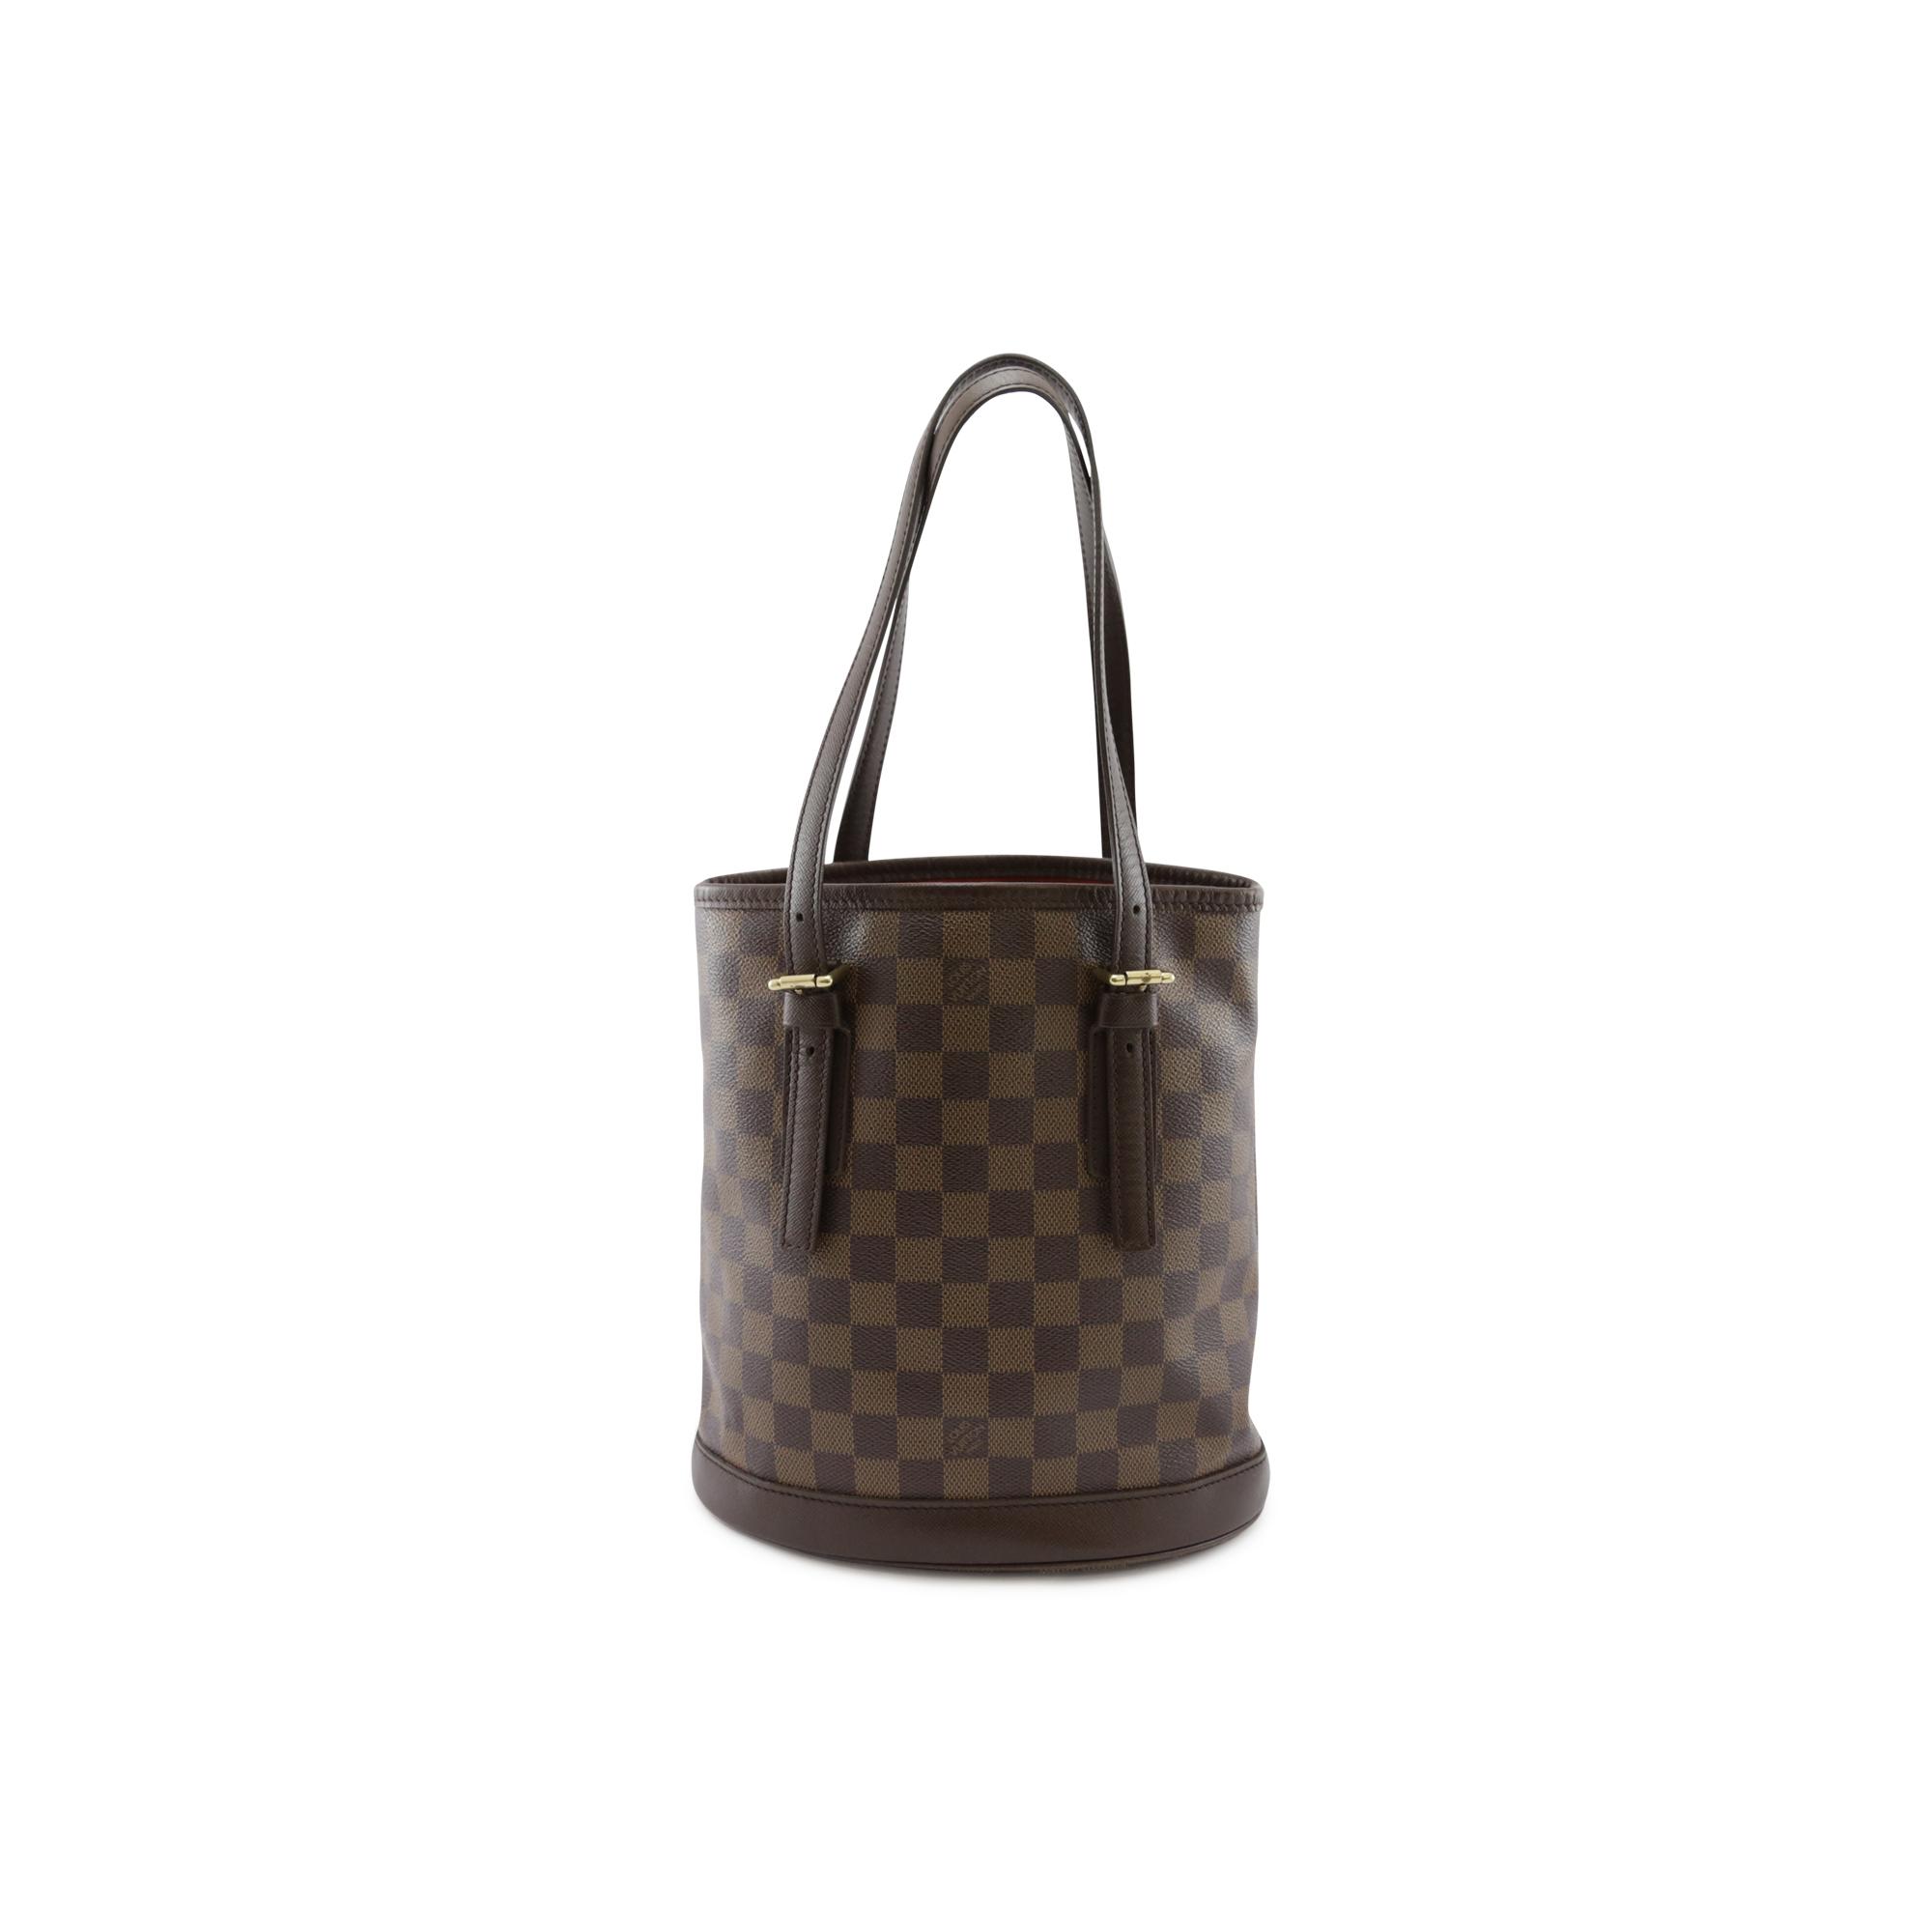 de6198cbcac0 Authentic Second Hand Louis Vuitton Marais Damier Ebene Petit Bucket  (PSS-004-00065)